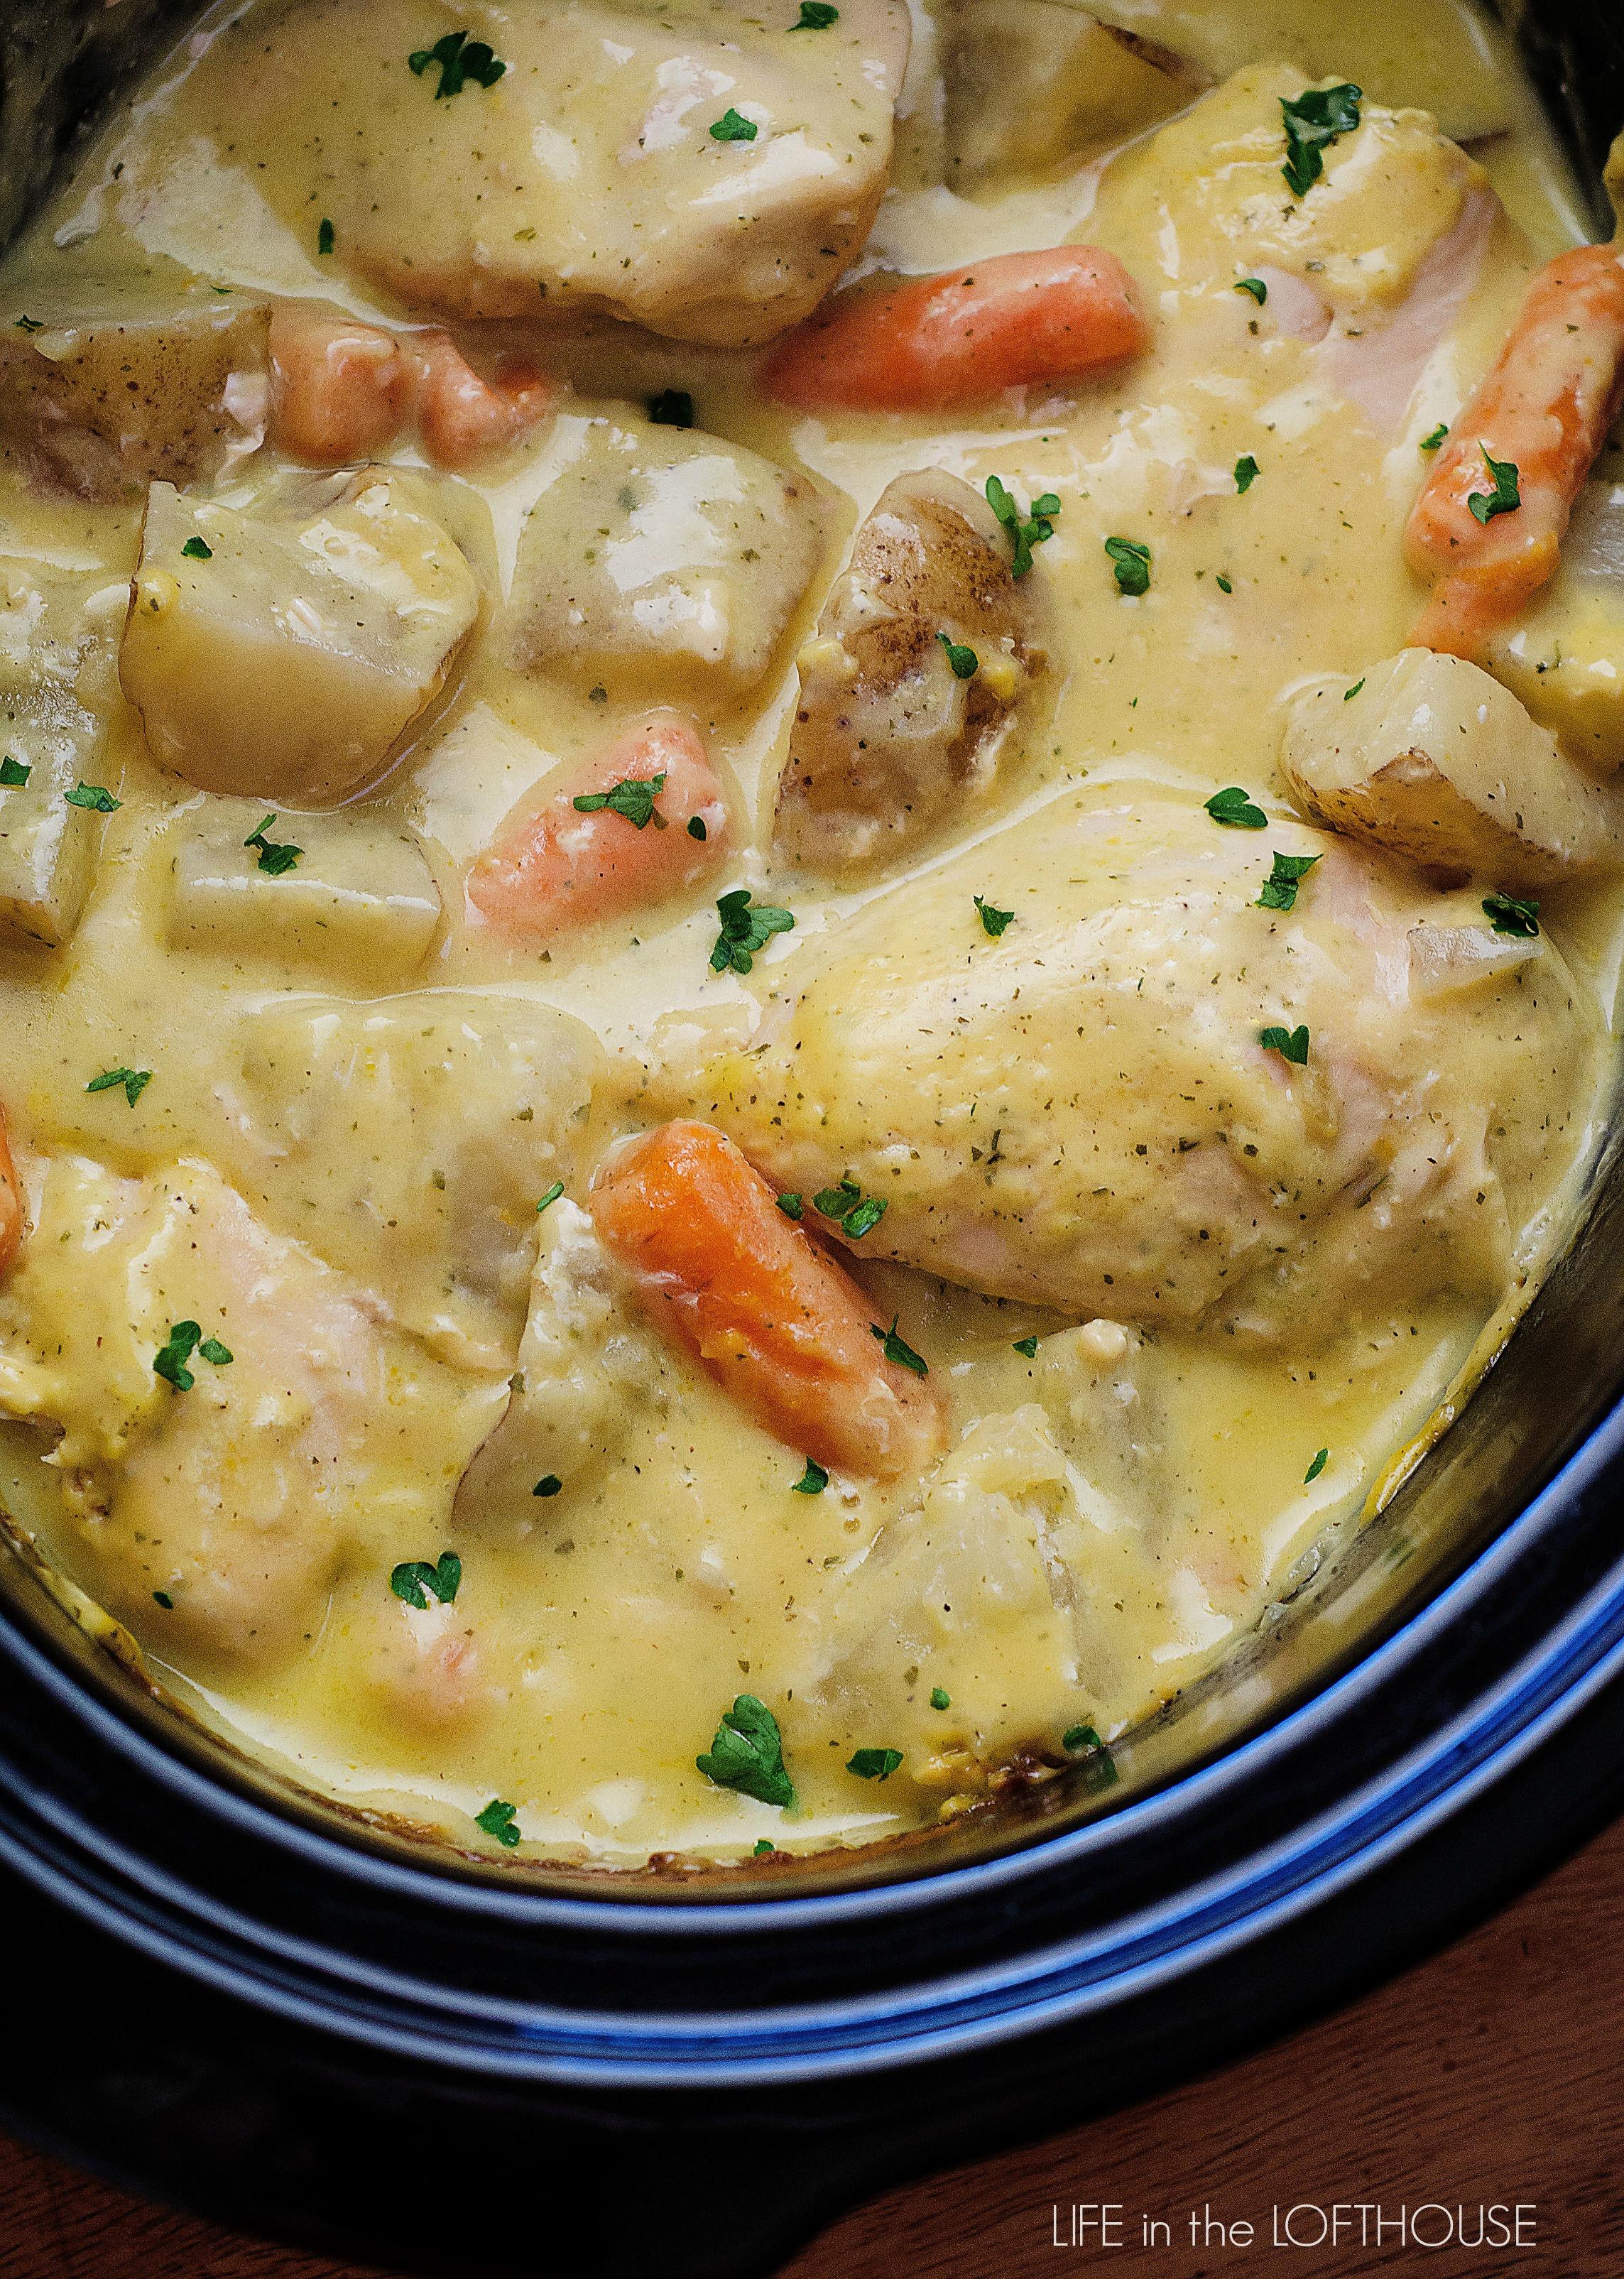 Slow Cooker Healthy Chicken Breast Recipes  Crock Pot Creamy Ranch Chicken